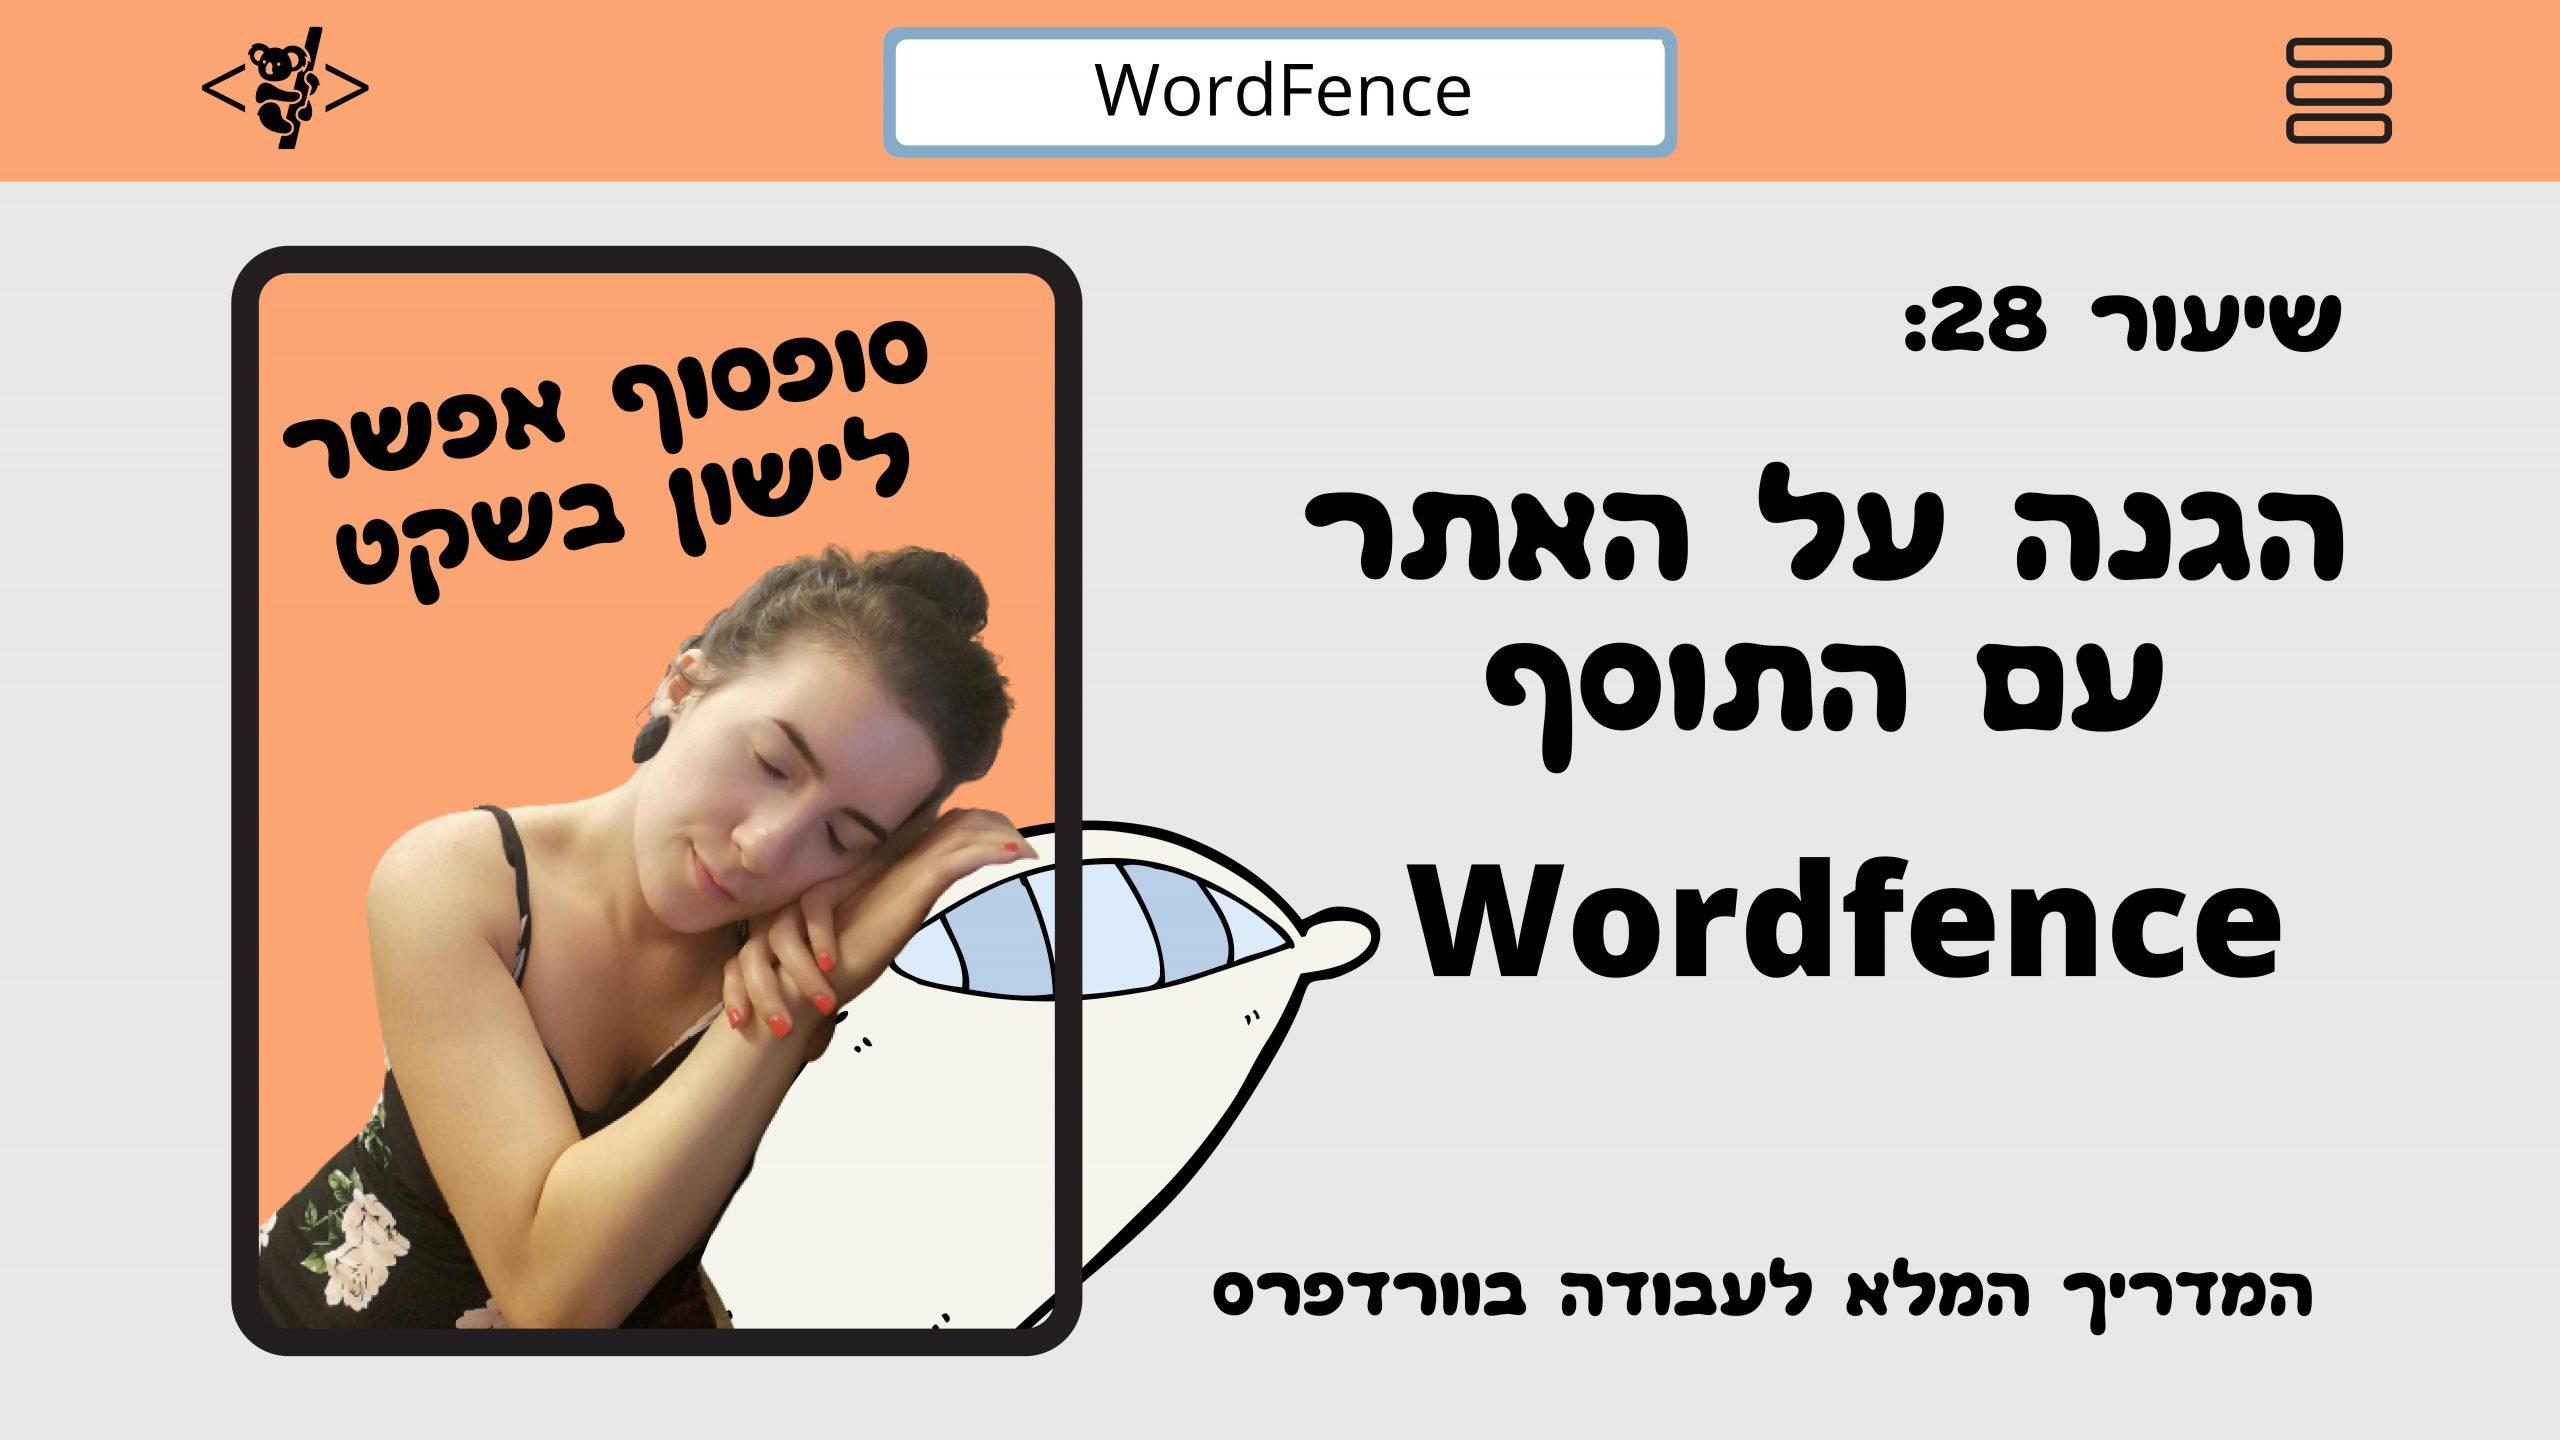 WordFence, שיר ויצמן, הגנת אתר, איך לאבטח את האתר